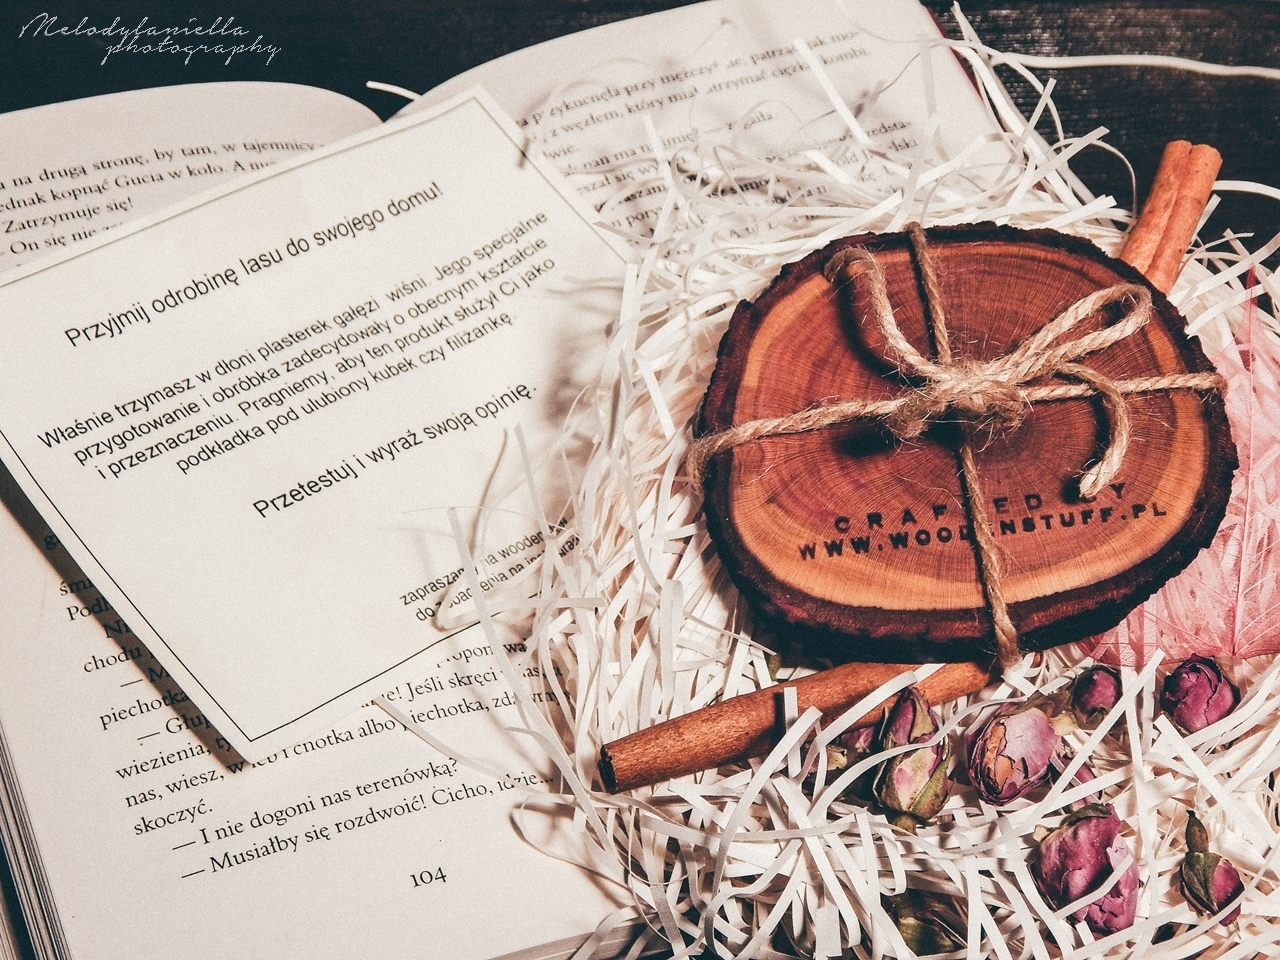 cudowne drewniane dodatki do domu podkladka pod kubek swietny prezent woodenstuff